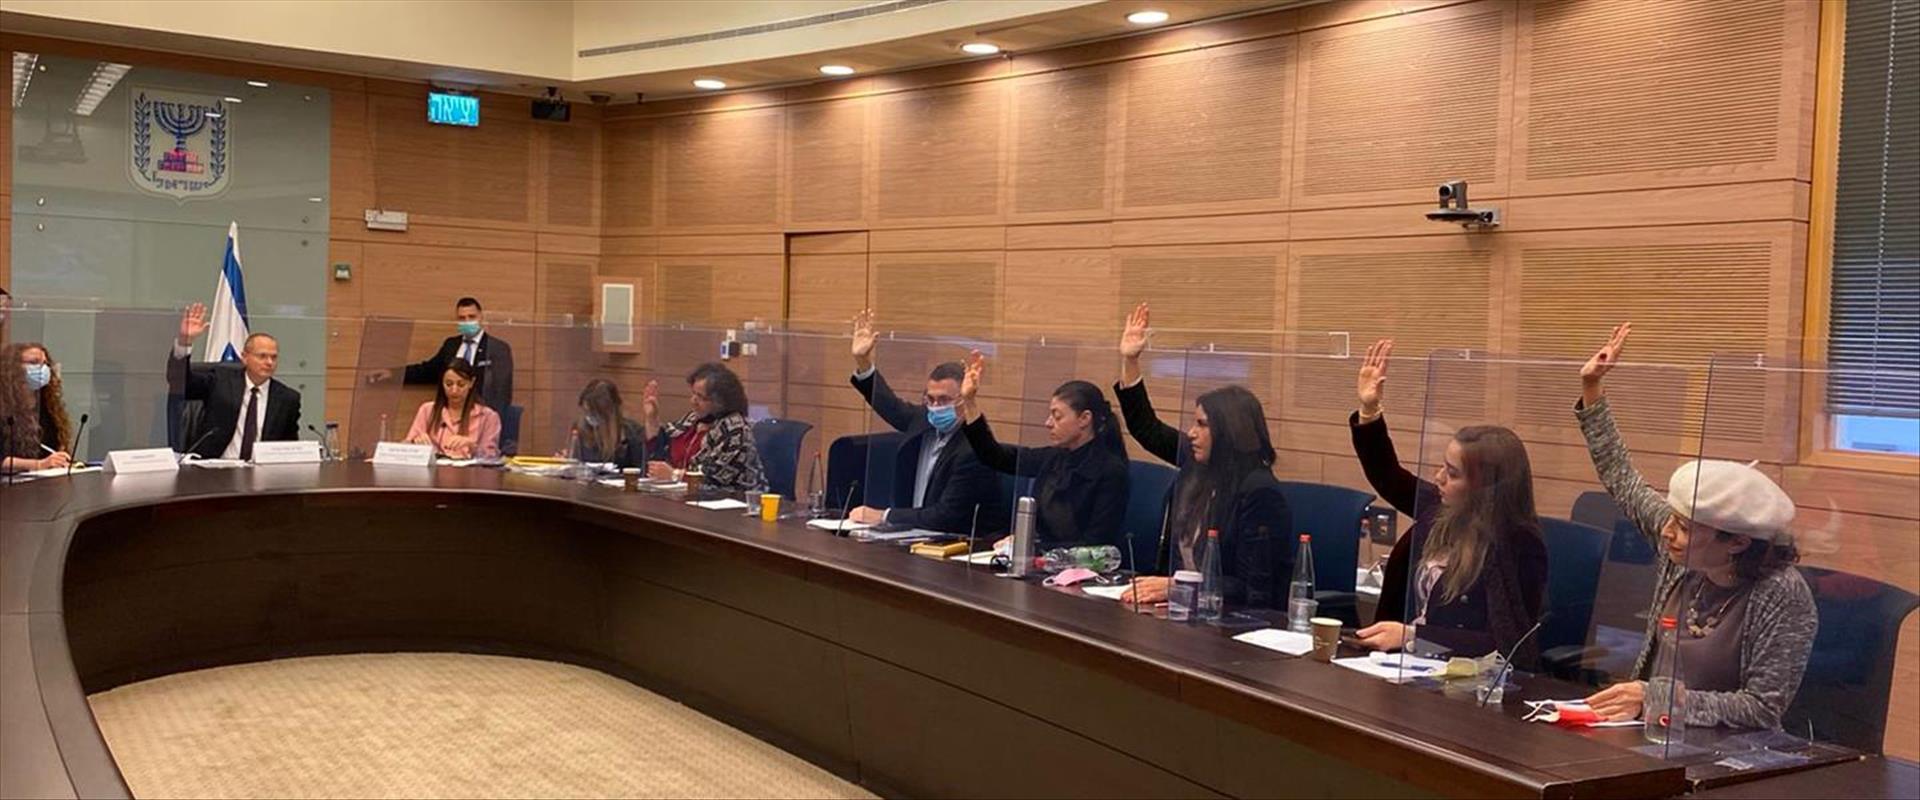 הוועדה לקידום מעמד האישה, הבוקר